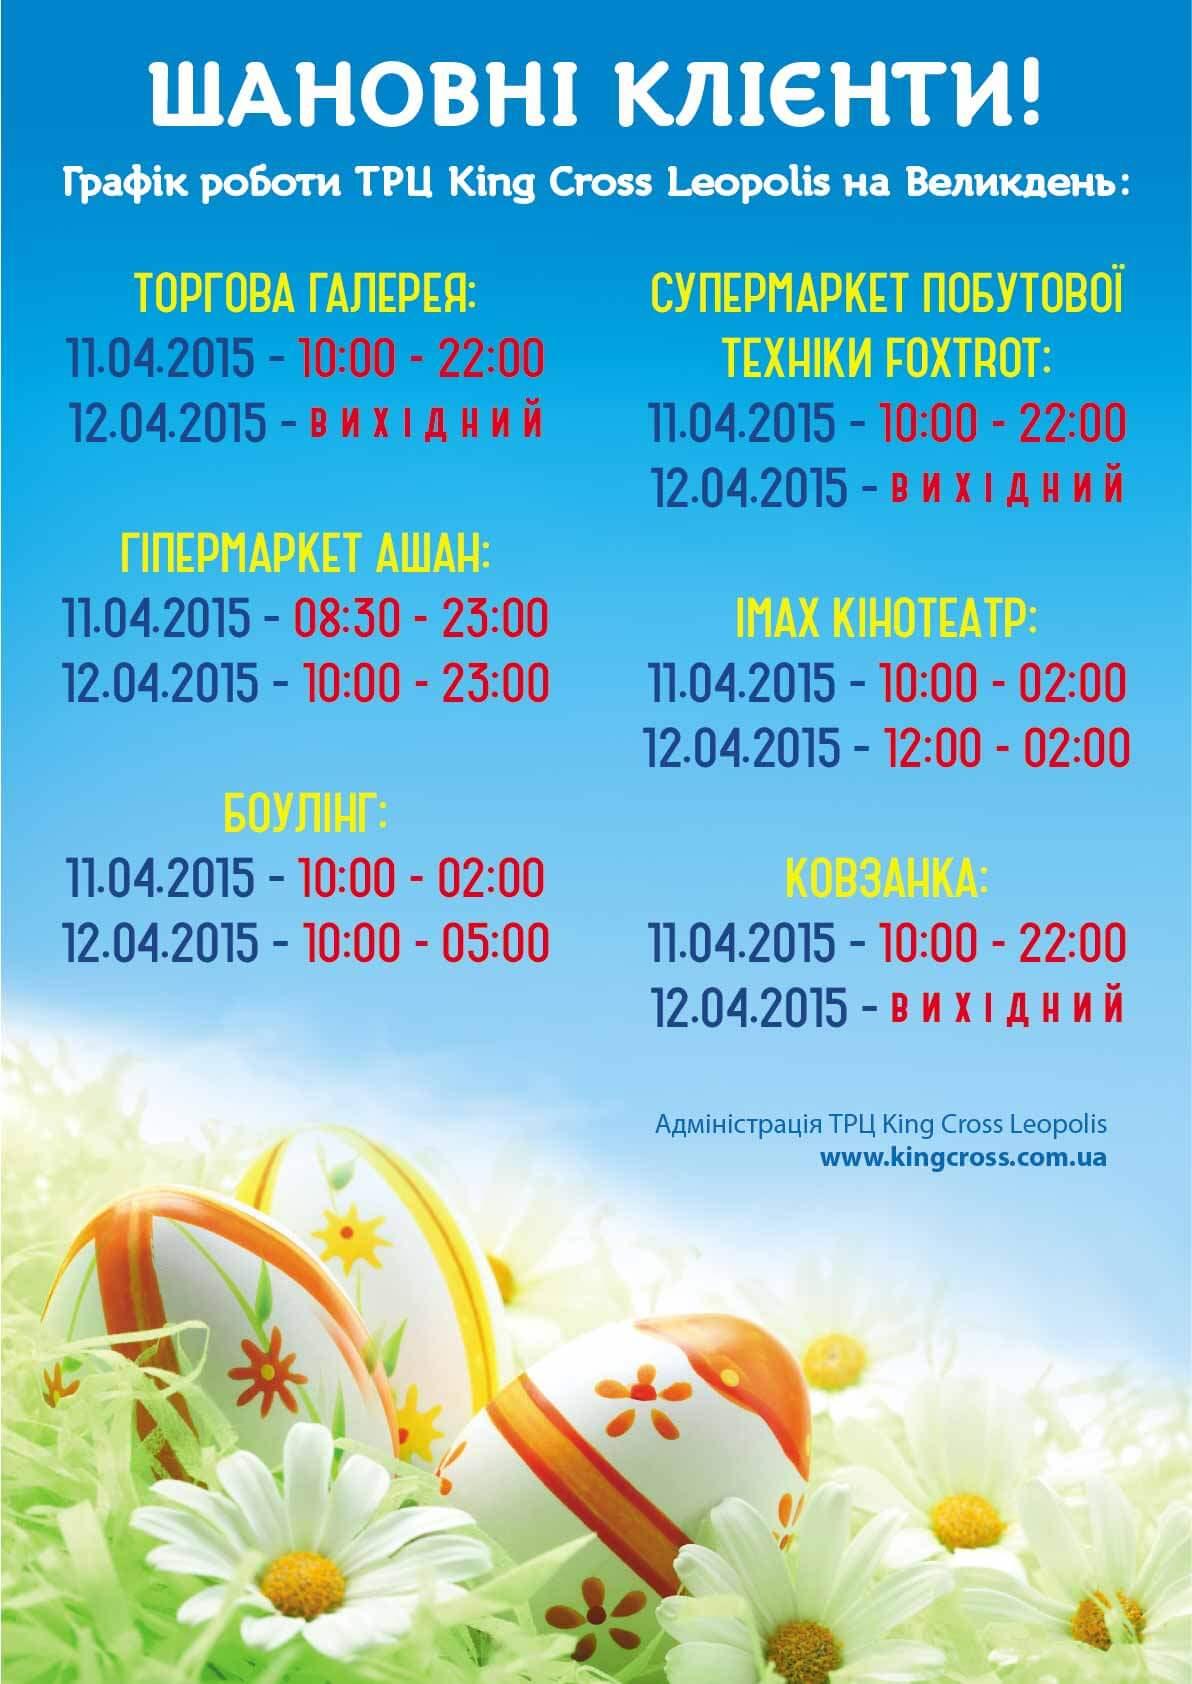 Графік роботи ТРЦ King Cross Leopolis Великдень